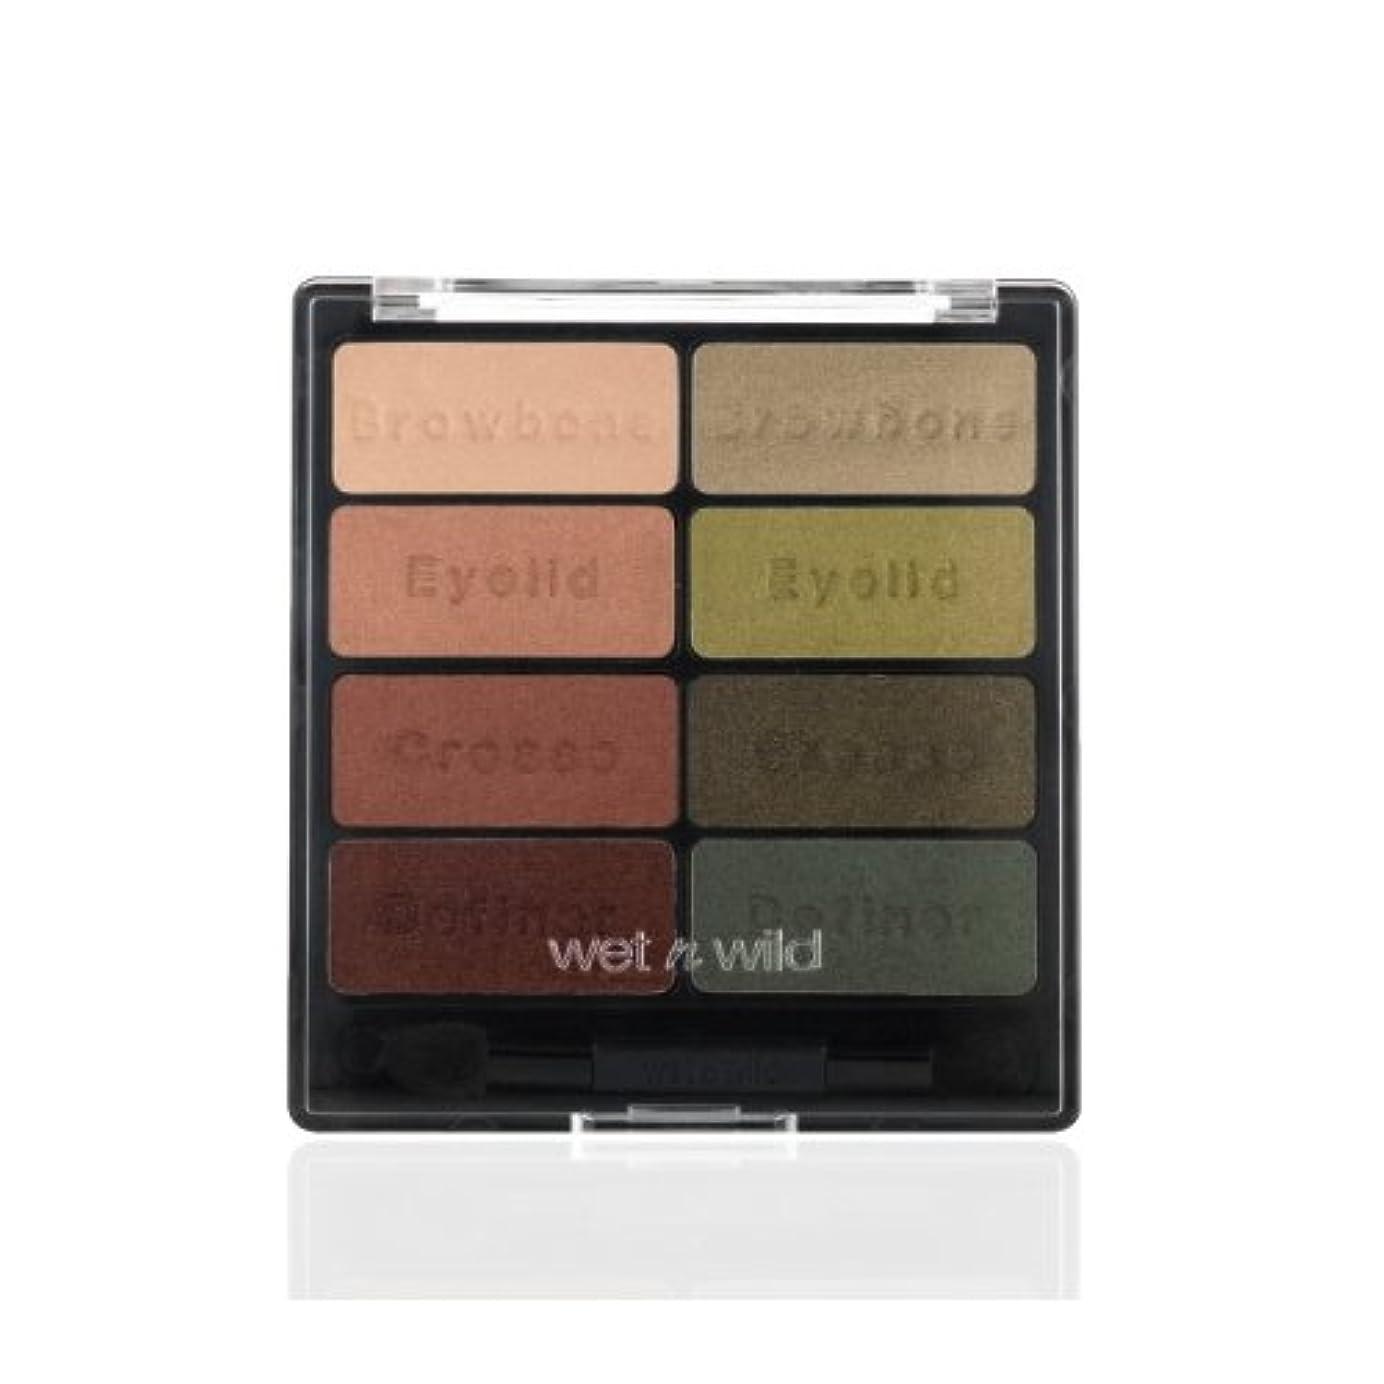 露出度の高い統計近々WET N WILD Color Icon アイシャドウ Collection-Comfort Zone 海外直送品